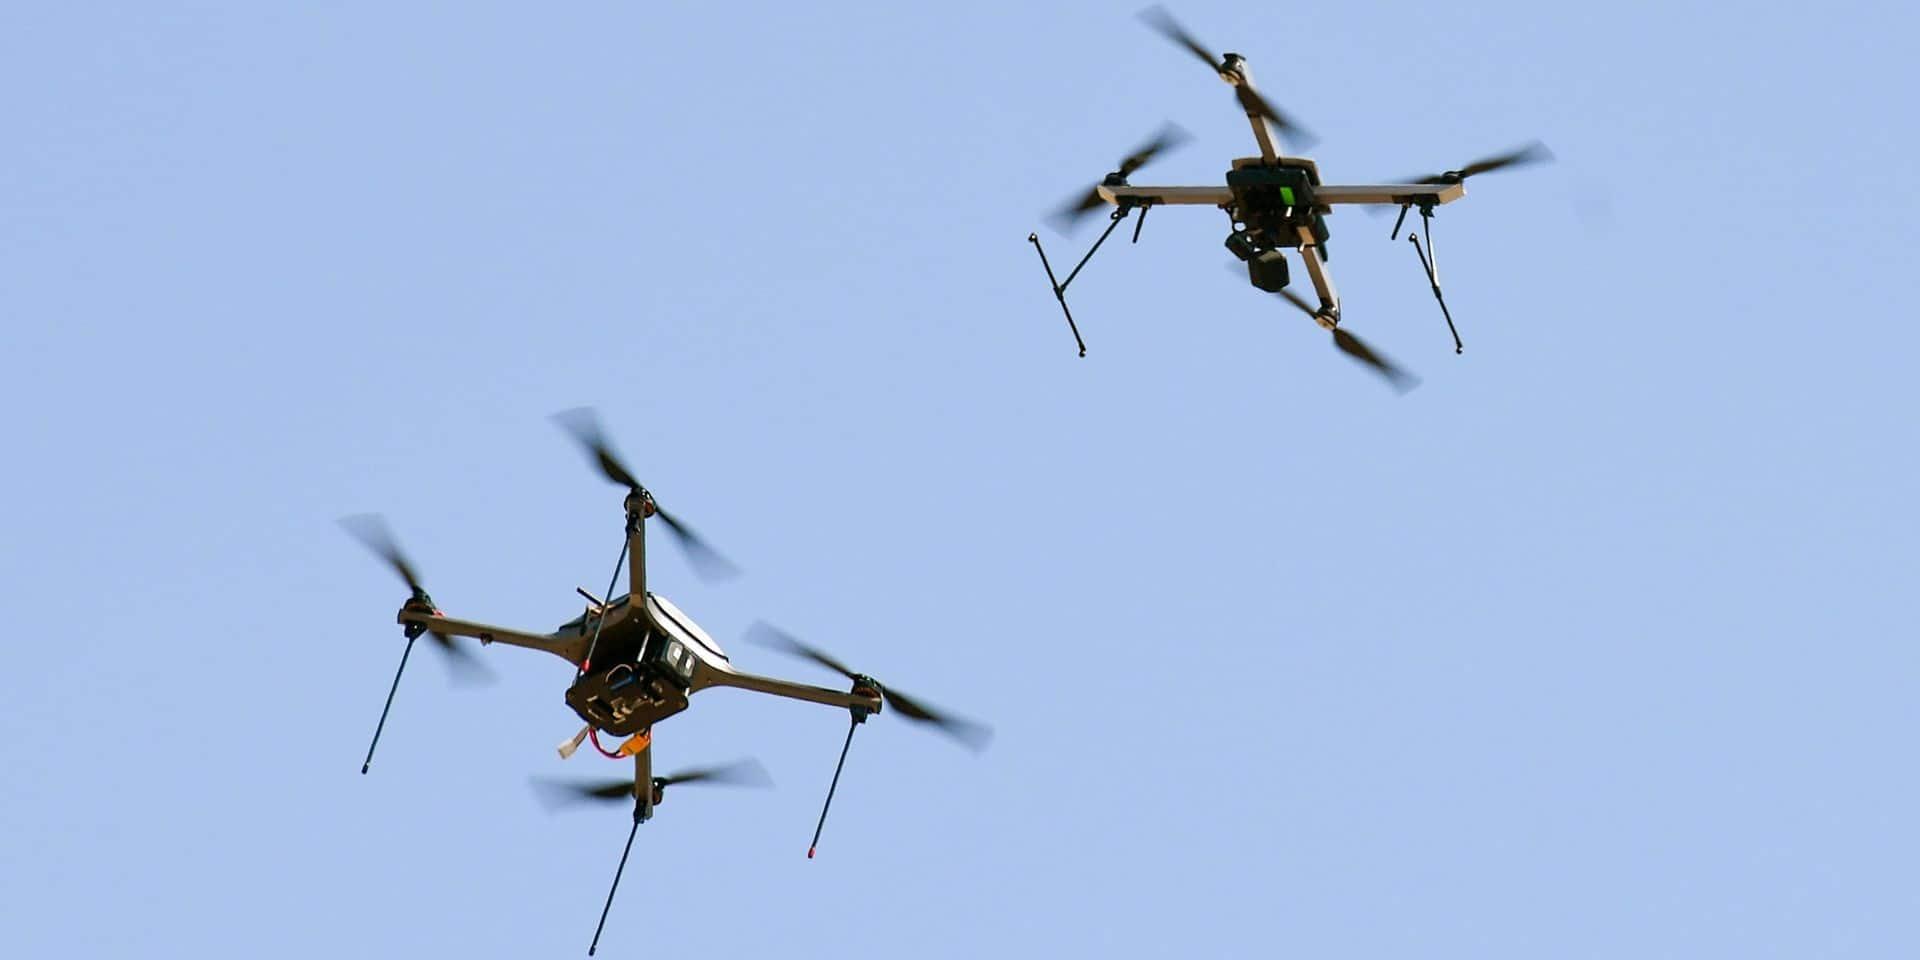 Les grands drones prennent d'assaut le ciel belge